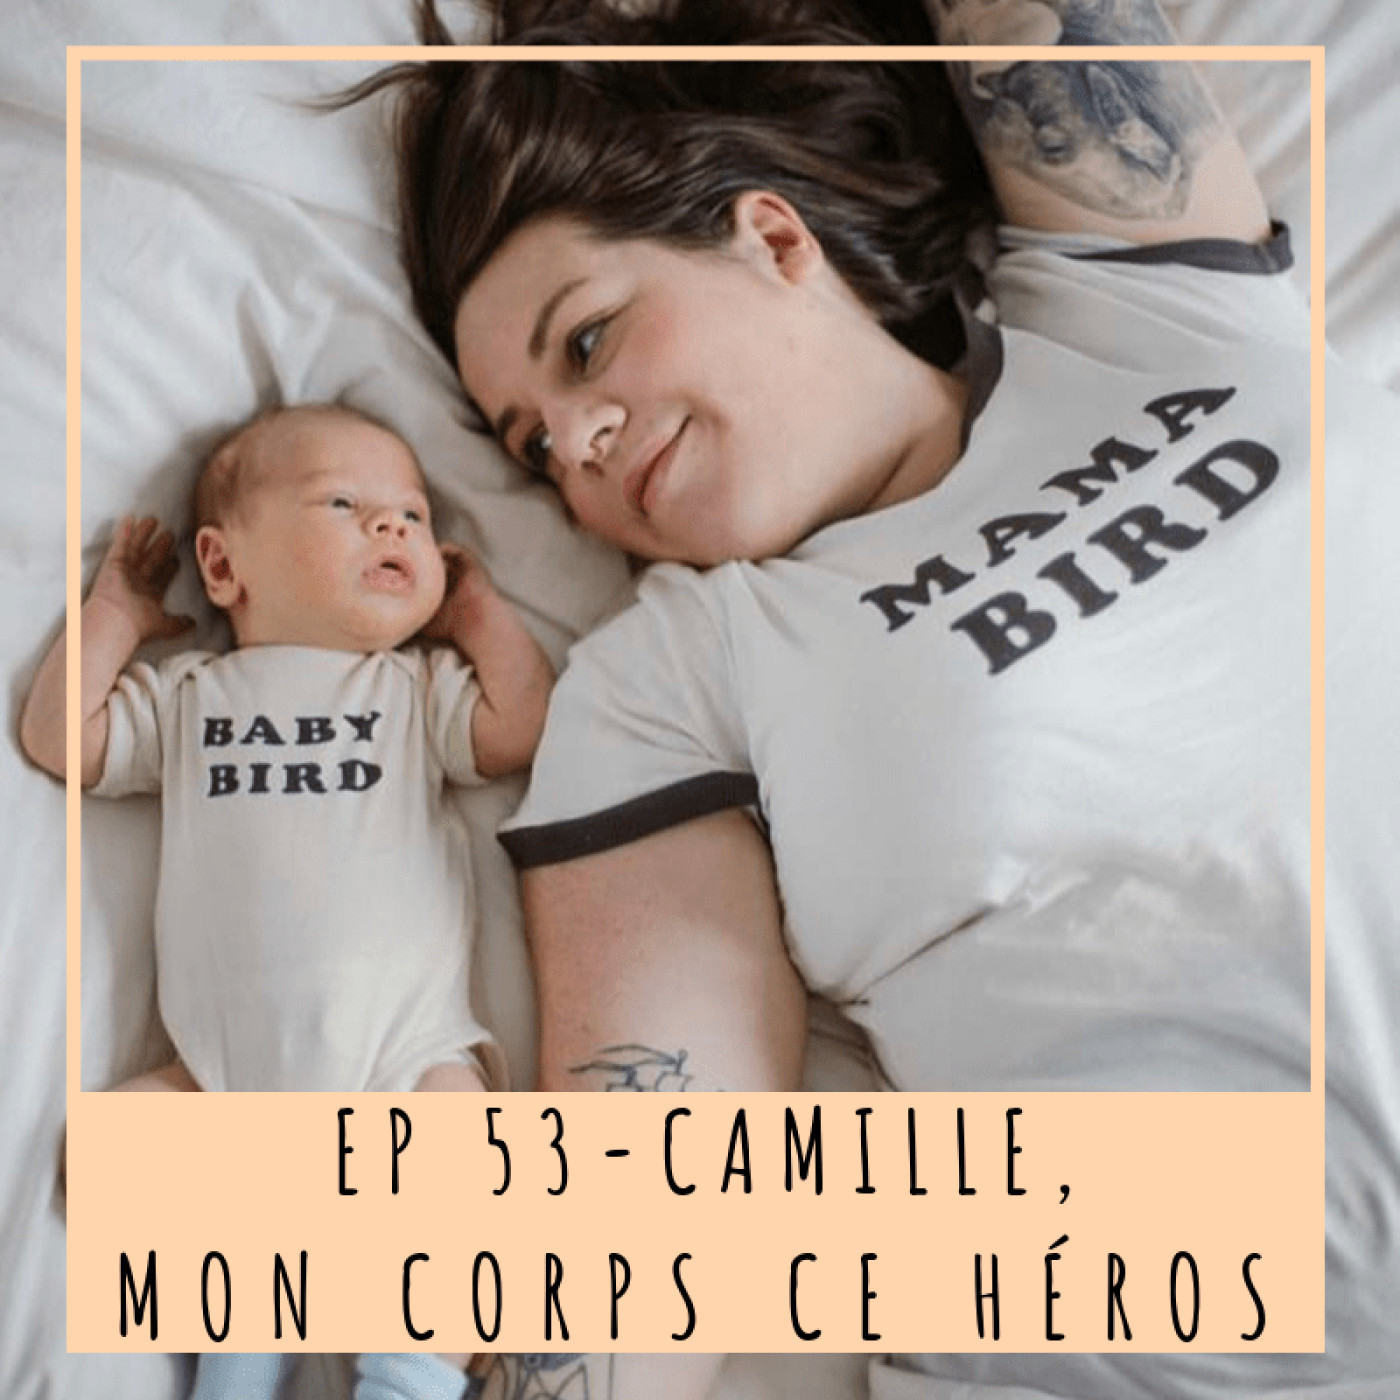 EP53- CAMILLE, MON CORPS CE HÉROS